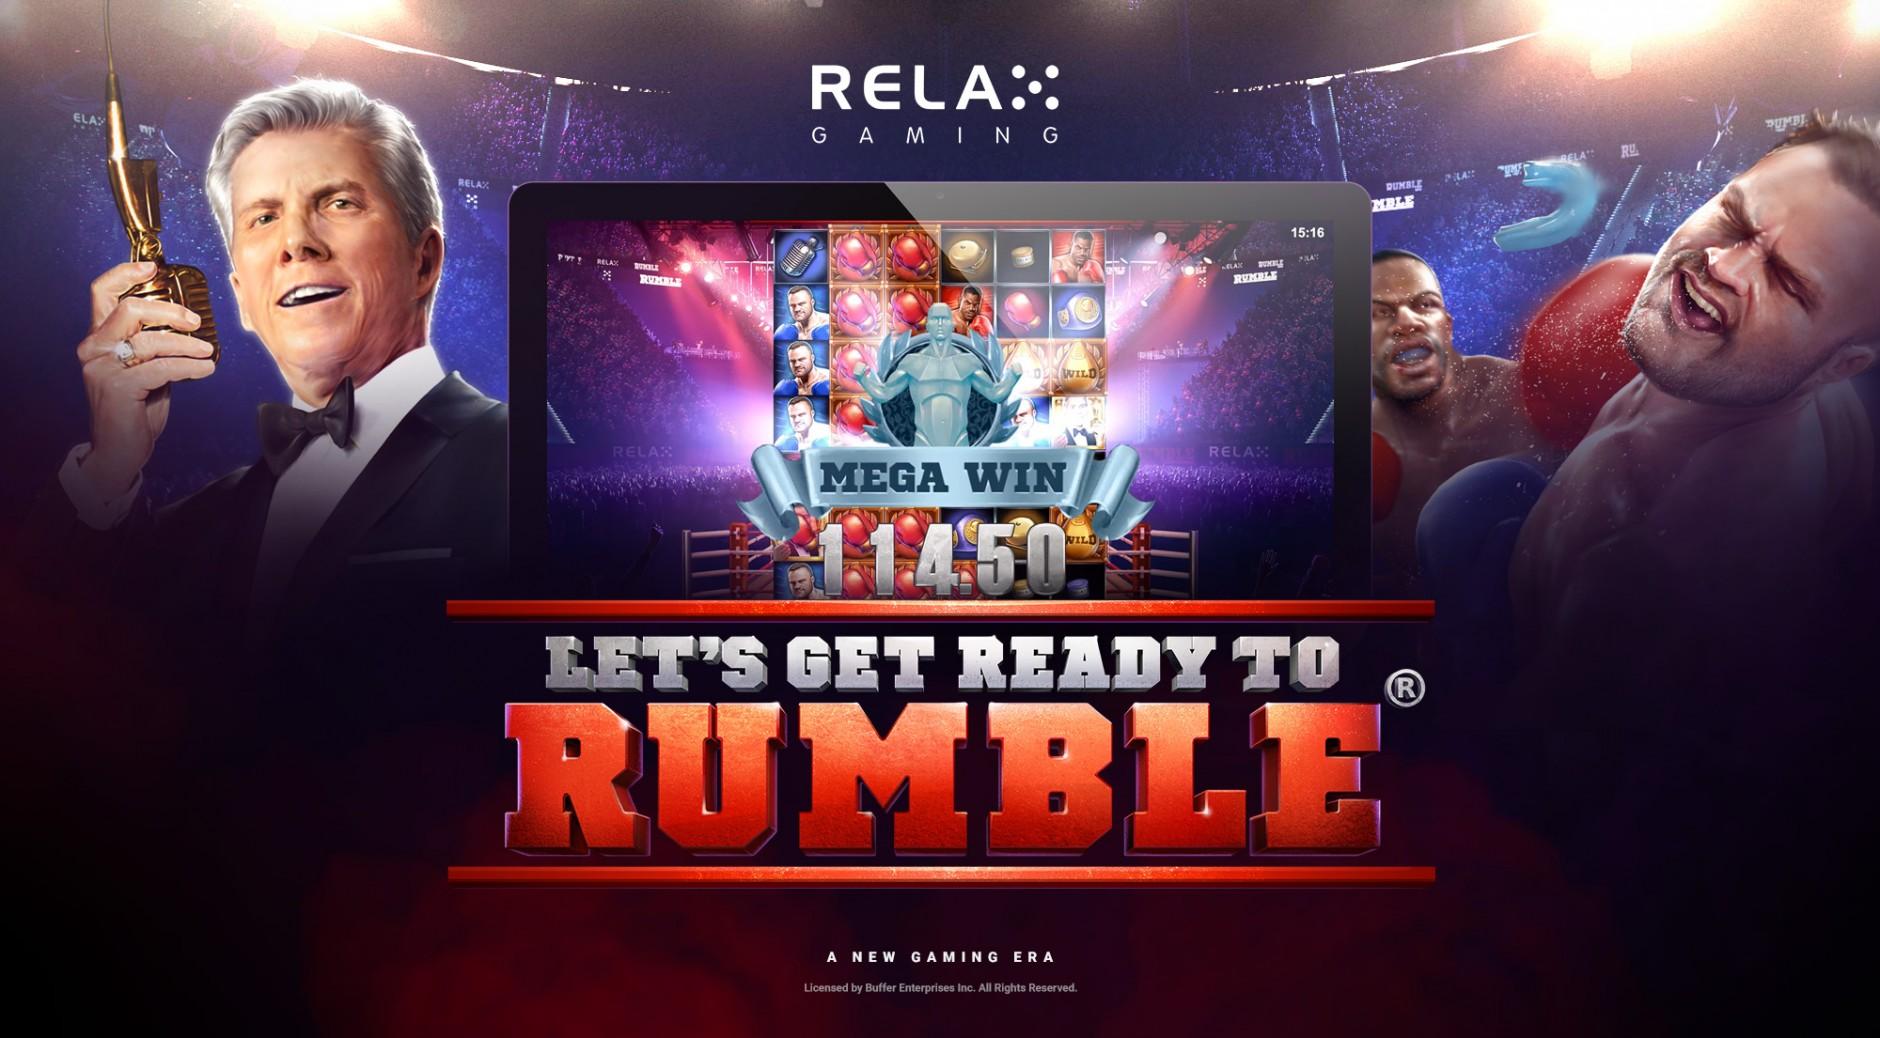 Онлайн казино, Вулкан Гранд, игровой автомат Let's Get Ready to Rumble, играть на деньги, азартные игры, игровые слоты, Relax Gaming